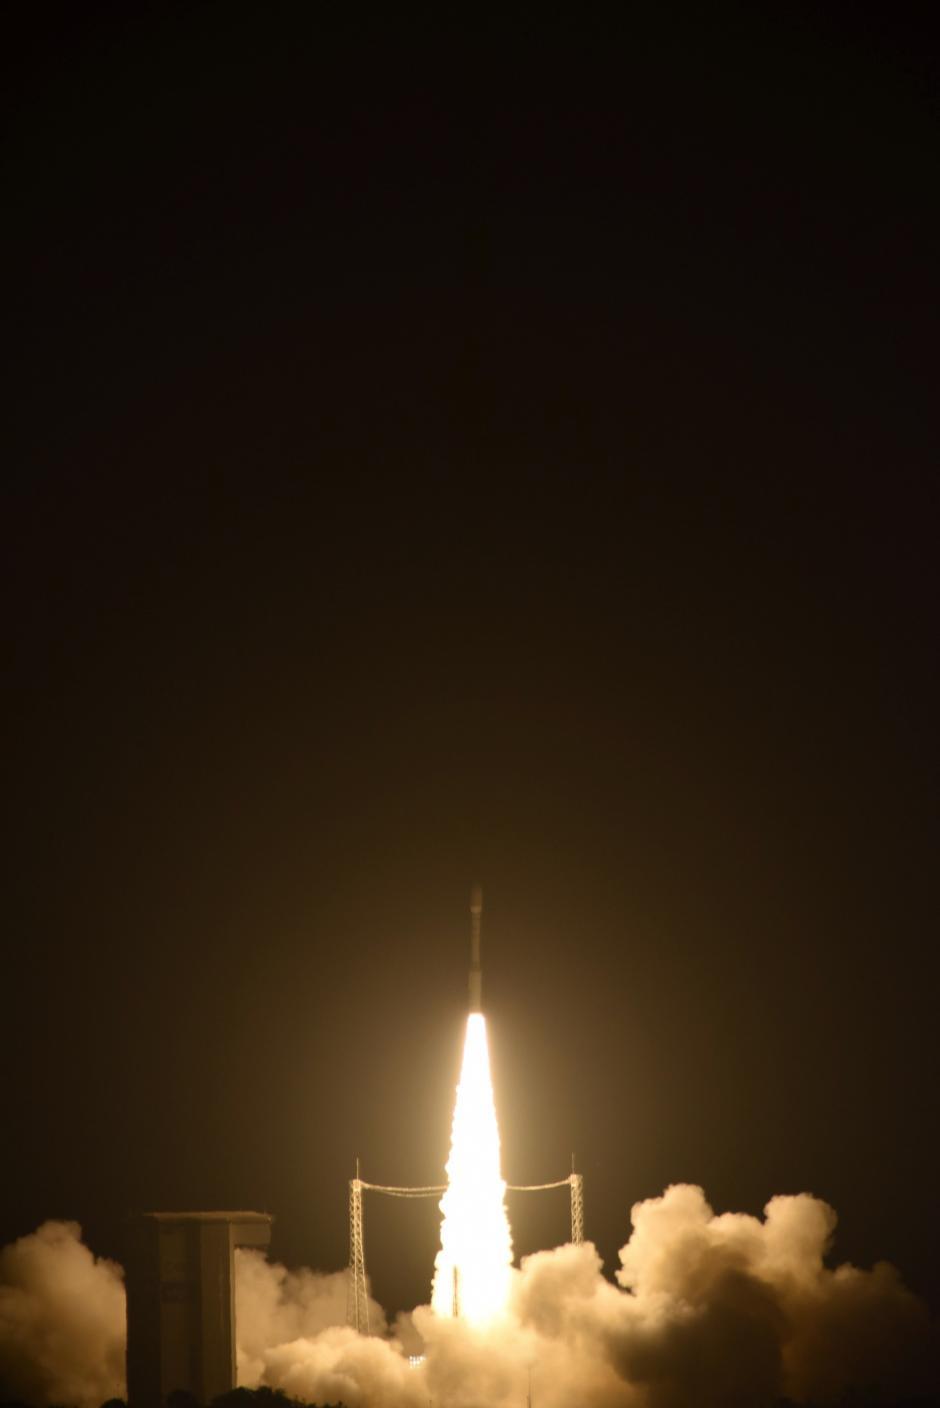 Fotografía facilitada por la Agencia Europea Espacial (ESA) del lanzamiento del cohete Vega a bordo del cual despegó hoy el satélite científico europeo LISA Pathfinder, en el puerto espacial de la localidad de Kourou, en la Guayana Francesa, dando inicio a una misión pionera que busca captar directamente por primera vez las ondas gravitacionales y así, a largo plazo, contribuir al estudio de supernovas y agujeros negros. (Foto: EFE)